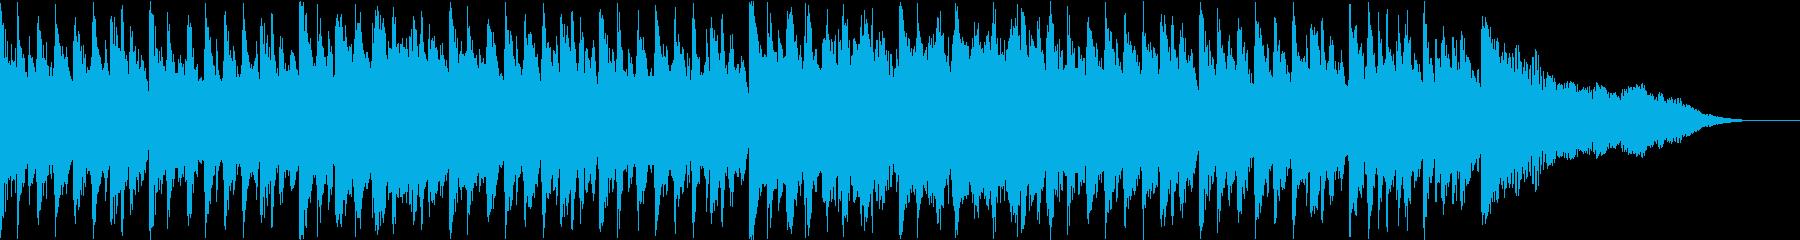 カントリーウエスタン調の愉快なポップの再生済みの波形